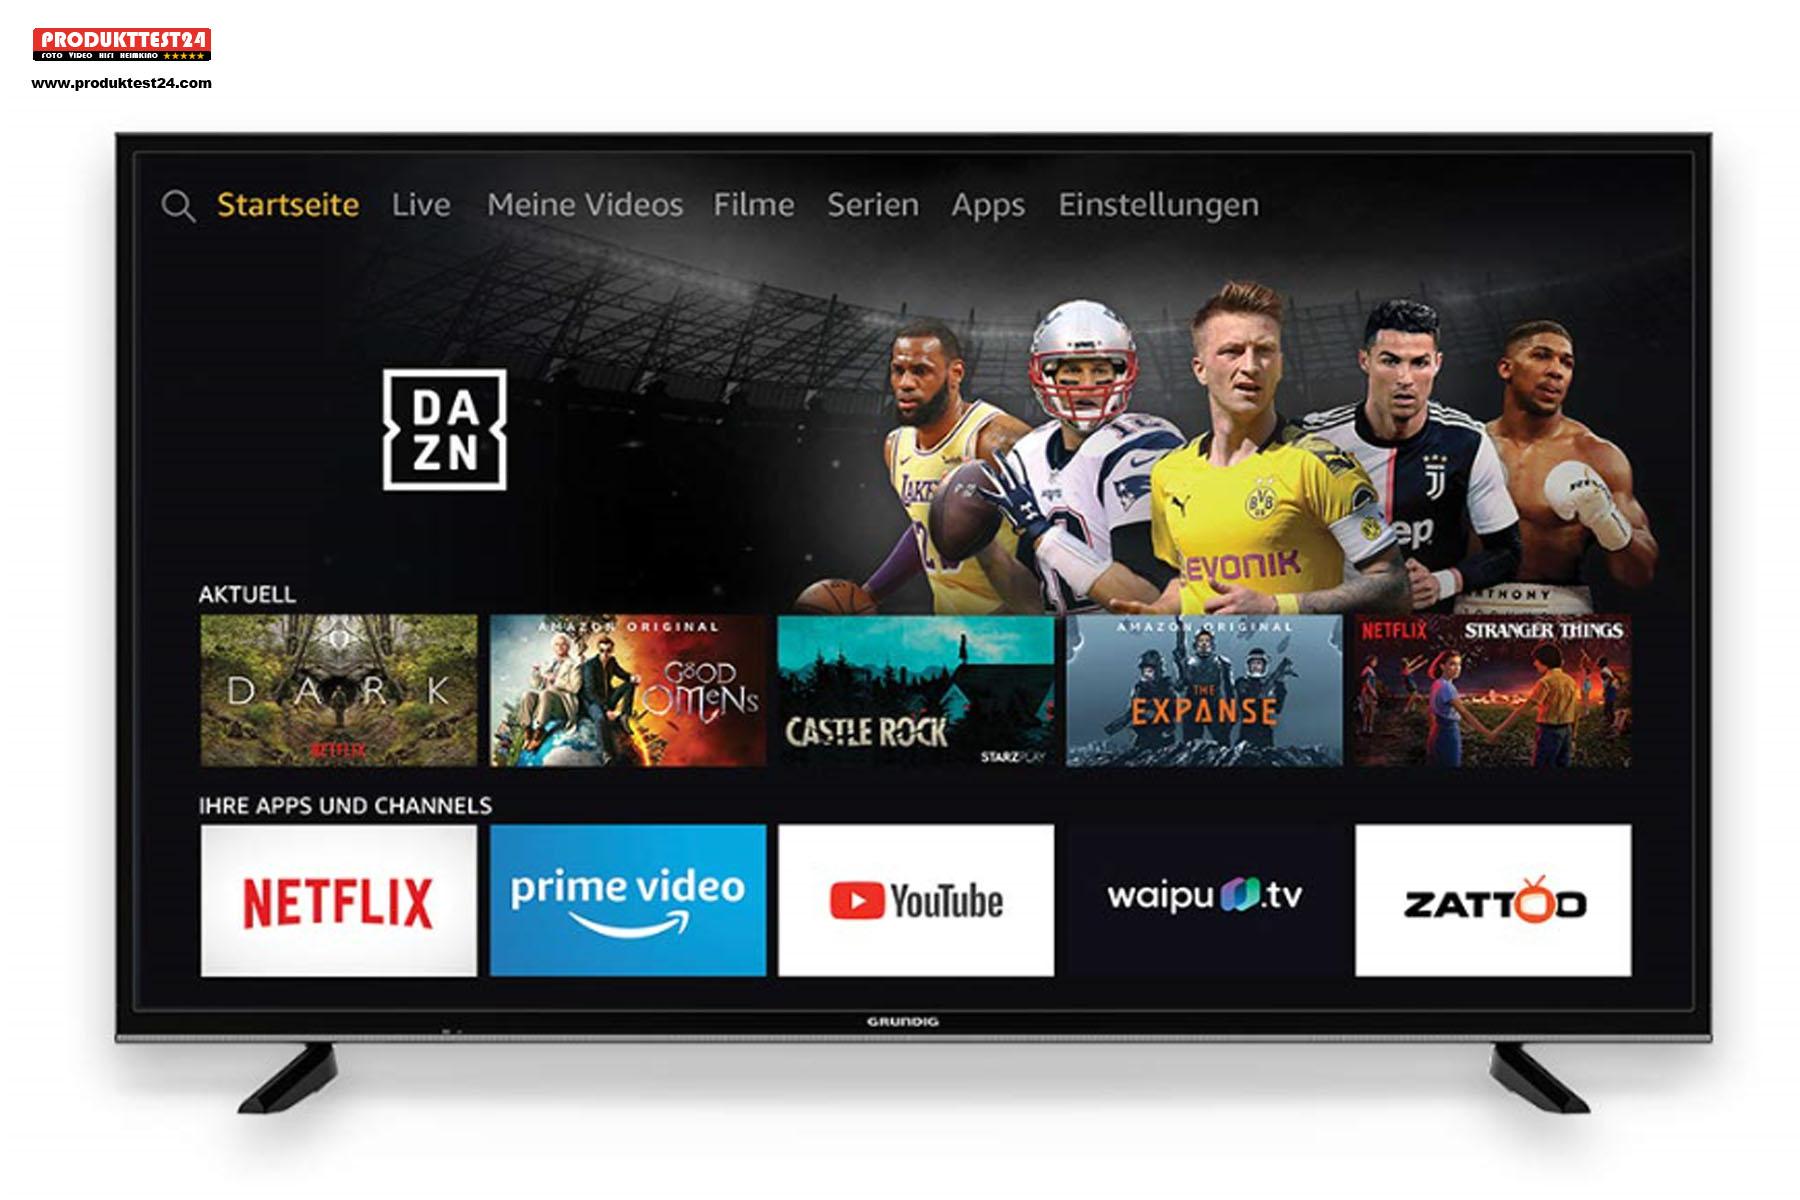 Der Grundig TV mit dem Fire OS Betriebssystem